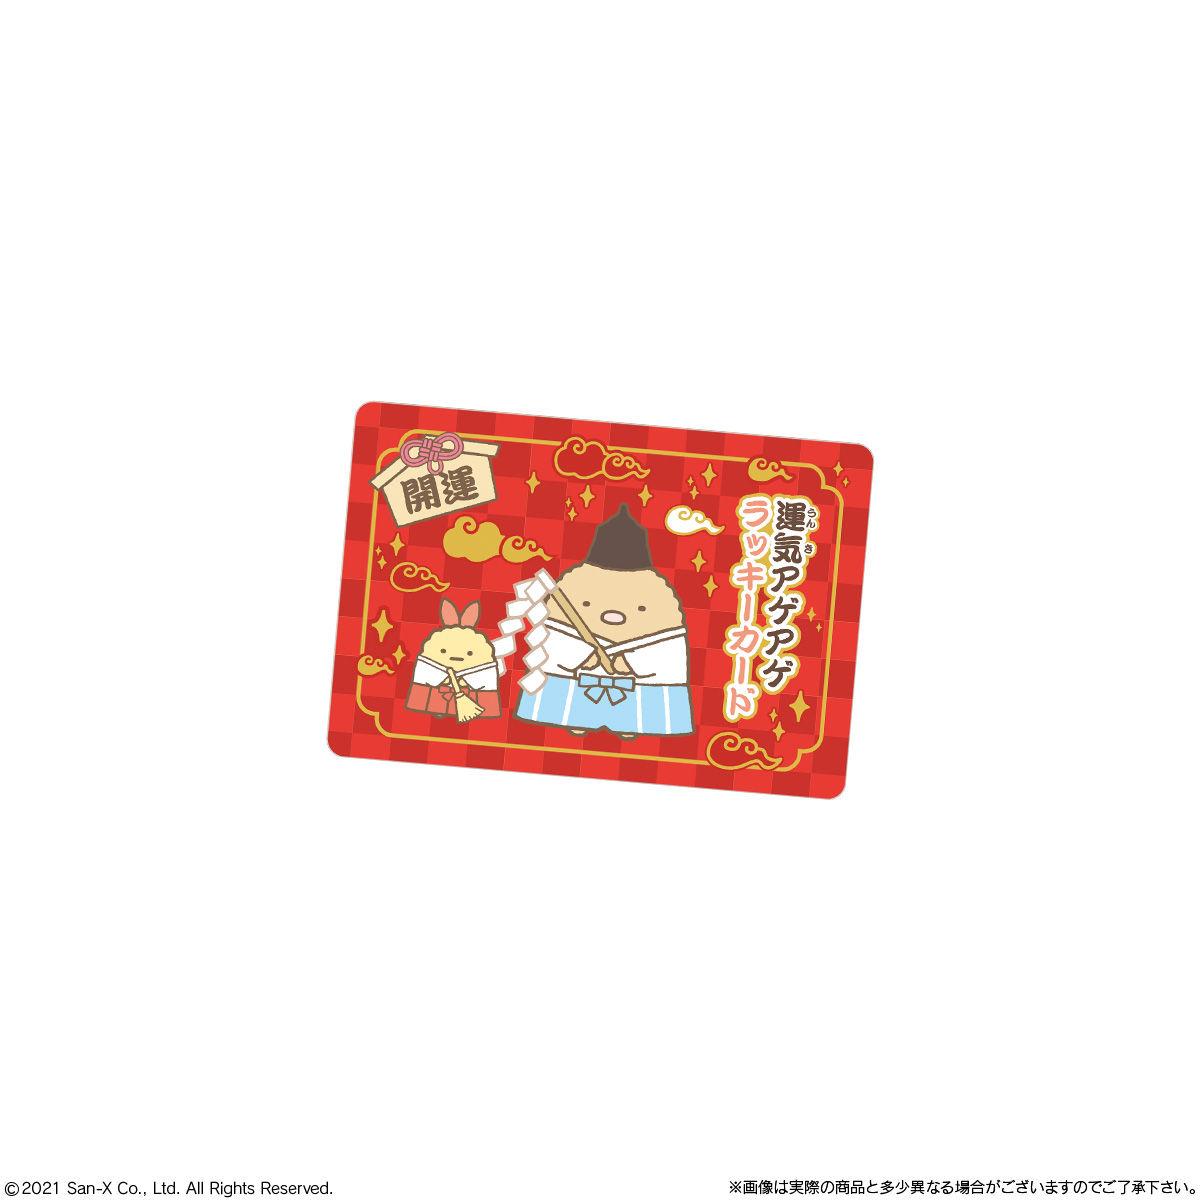 すみっコぐらし コレクションカードグミ4_7